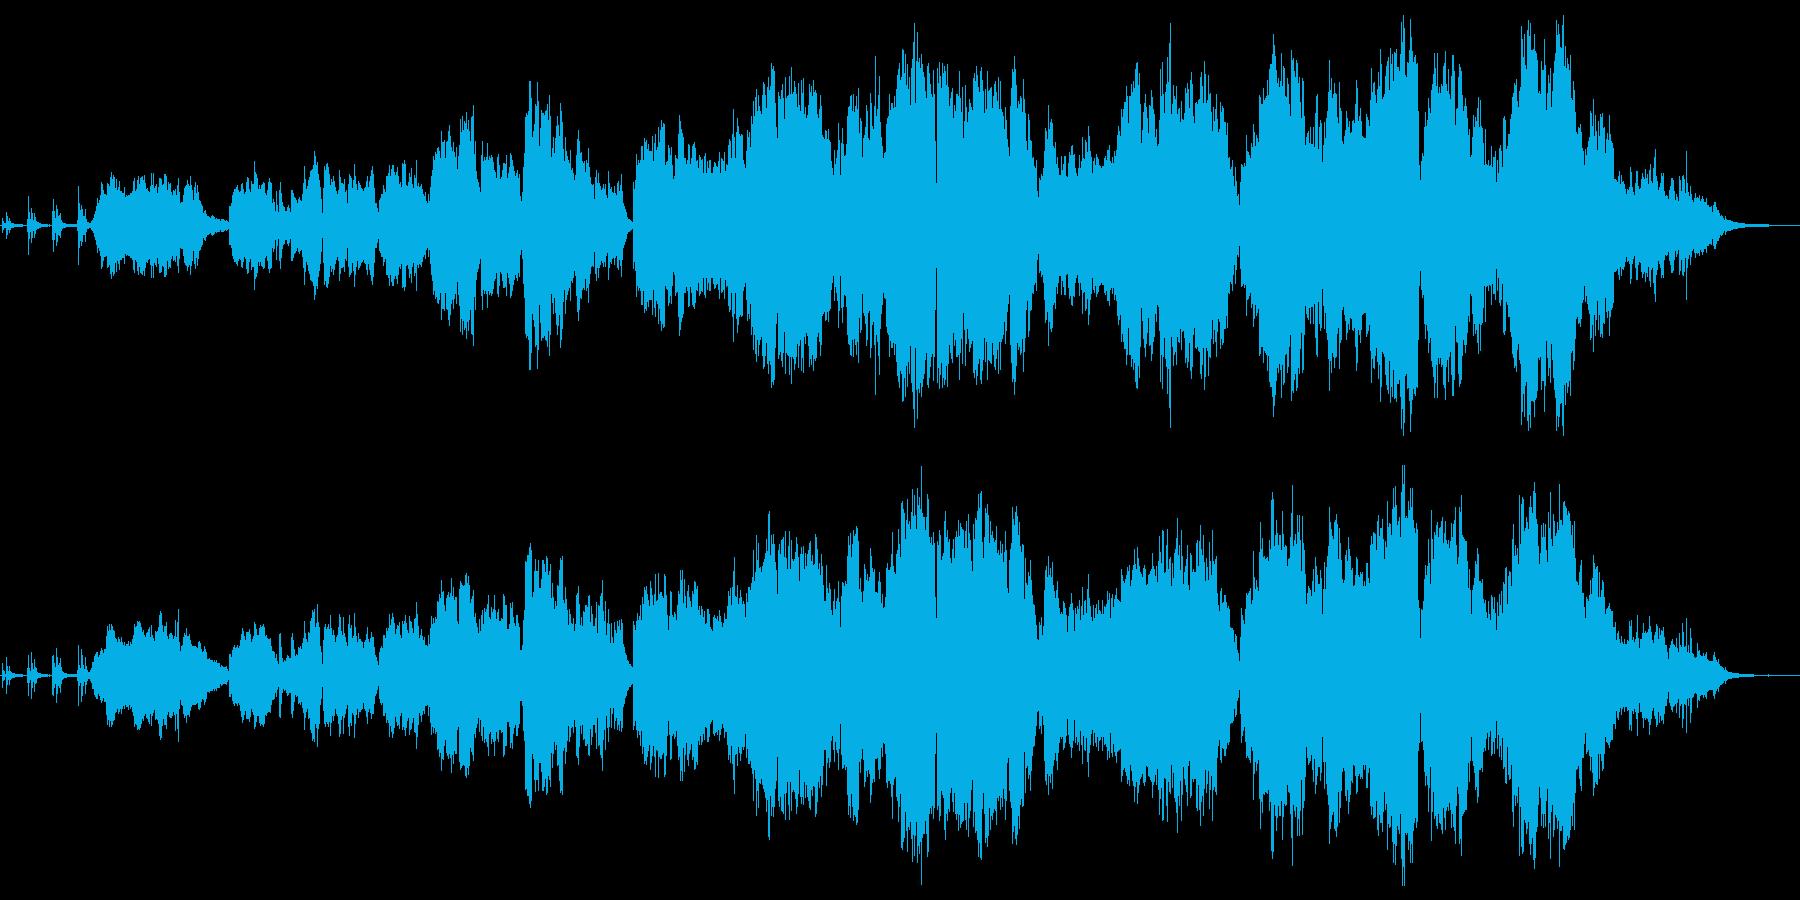 切なくあたたかい感動系バラード 生演奏の再生済みの波形